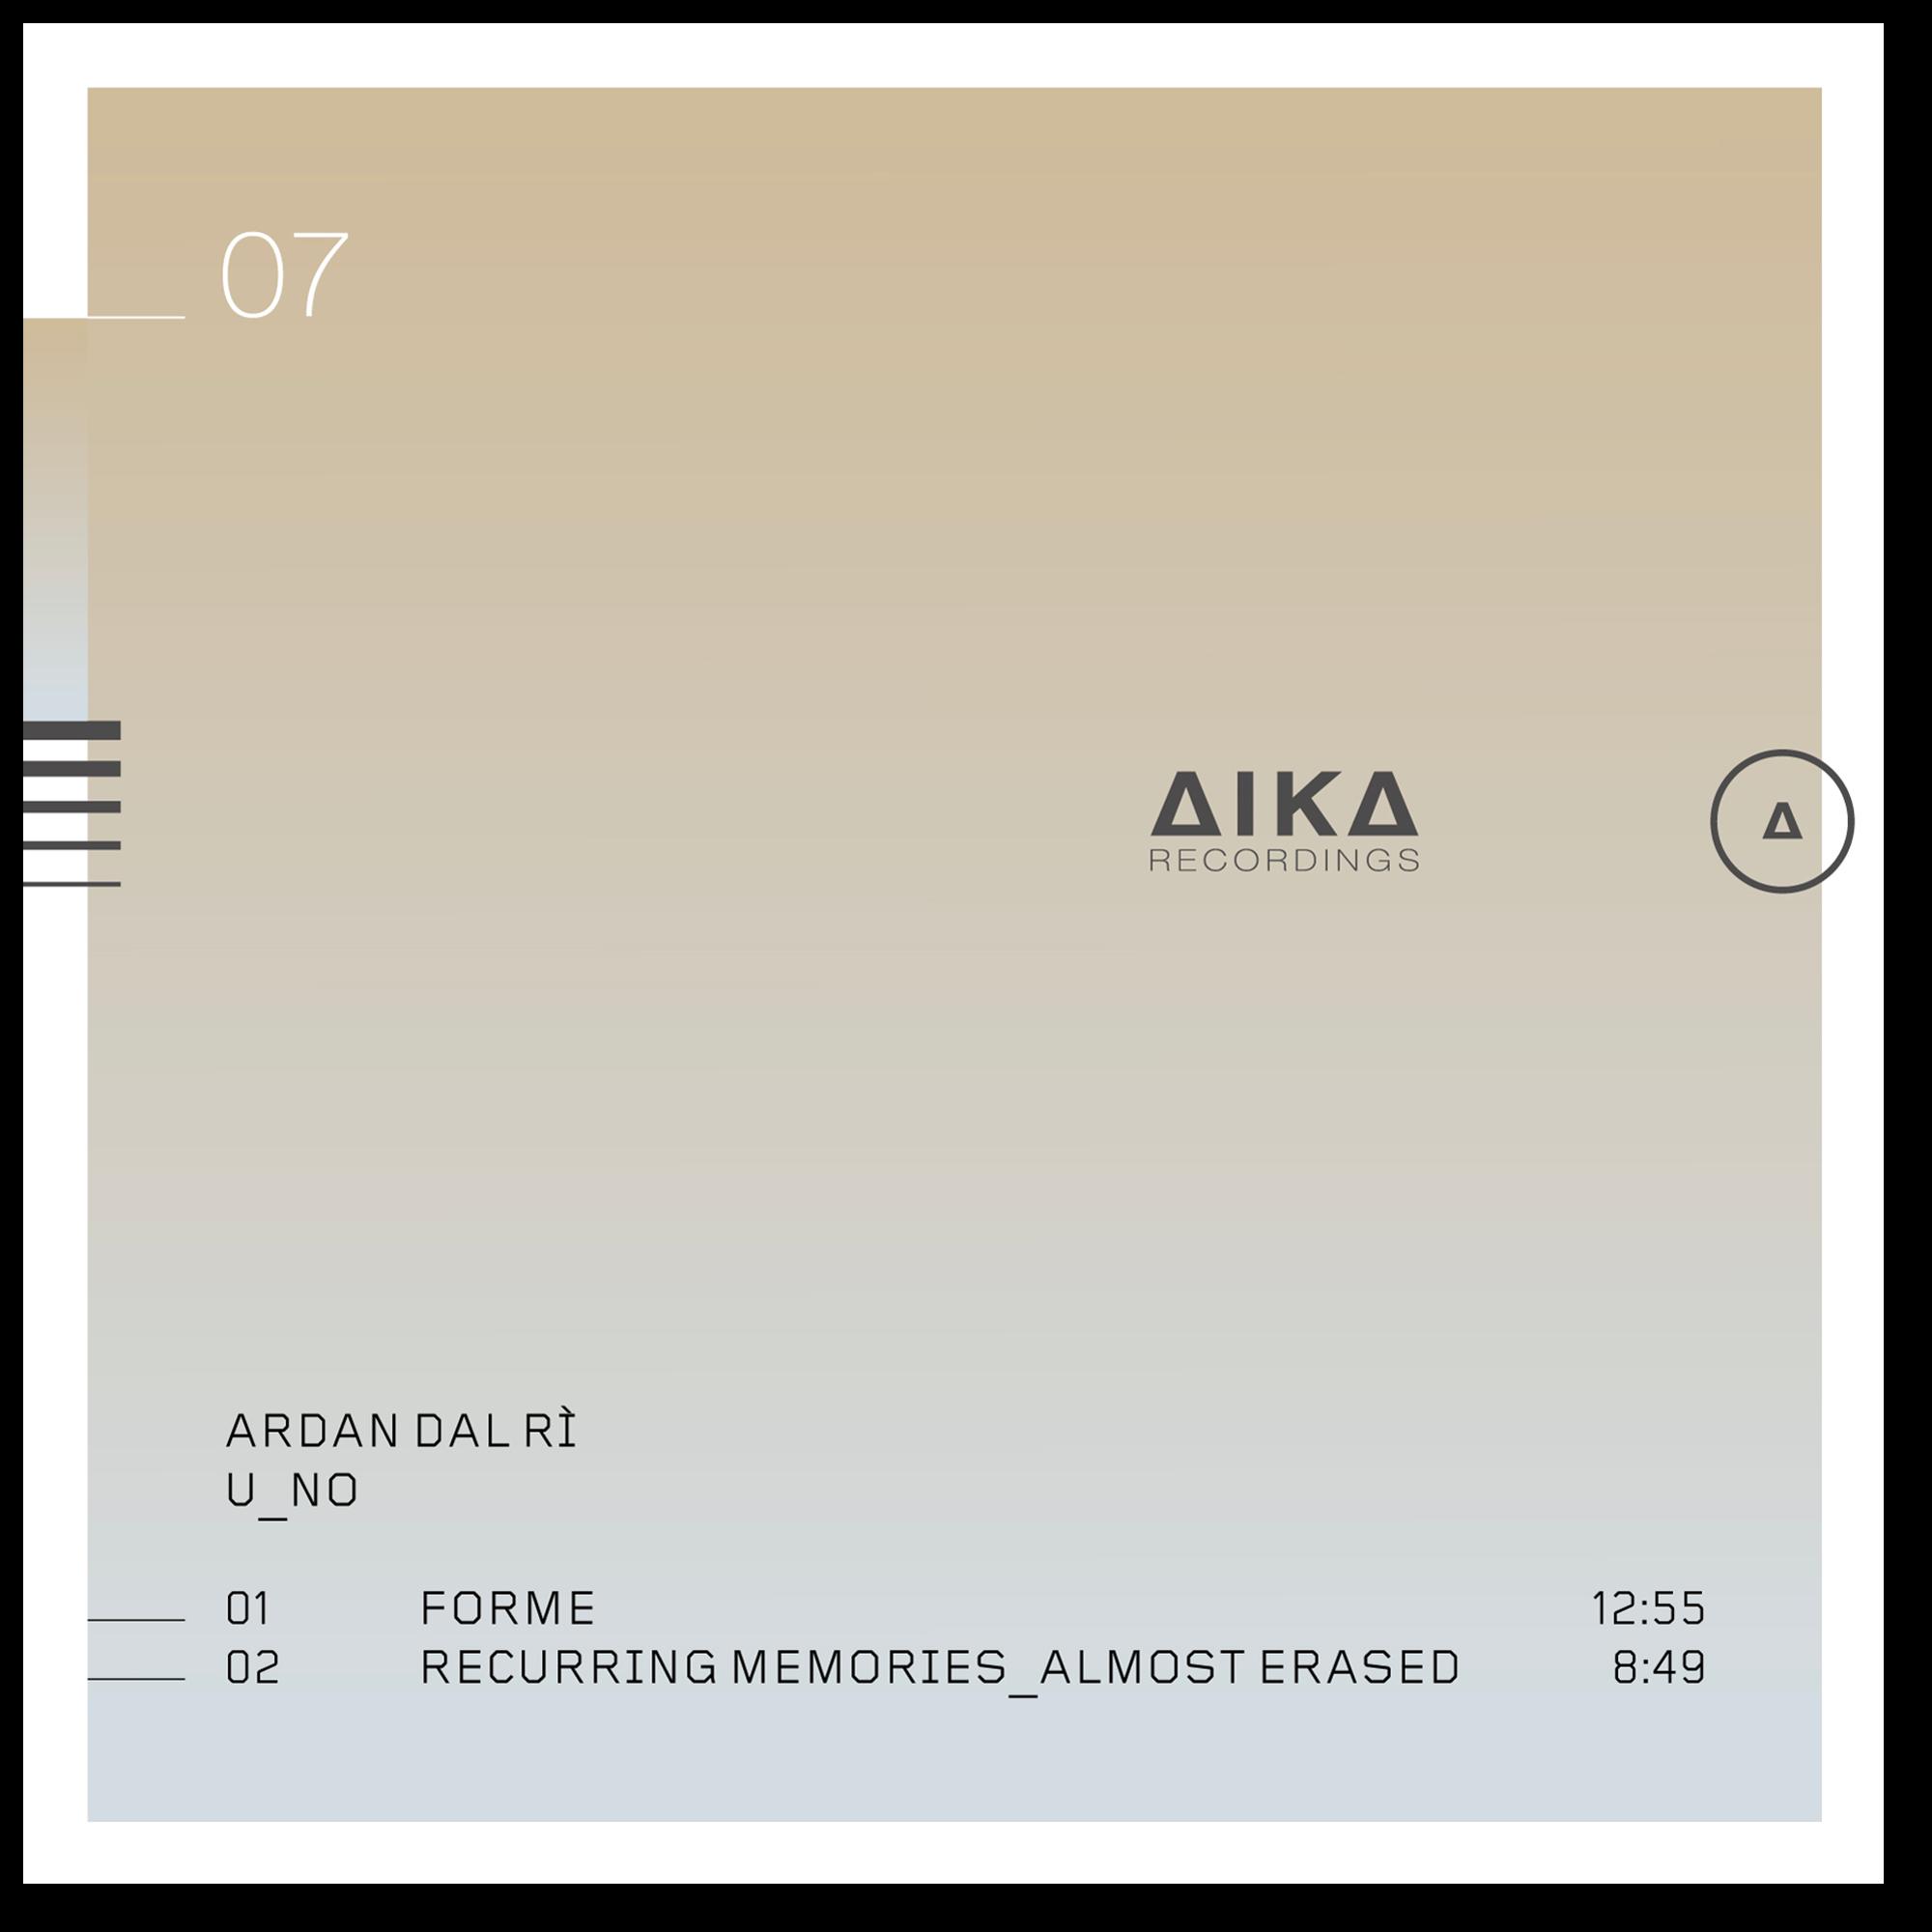 Ardan Dal Rì U_no AIKA Recordings